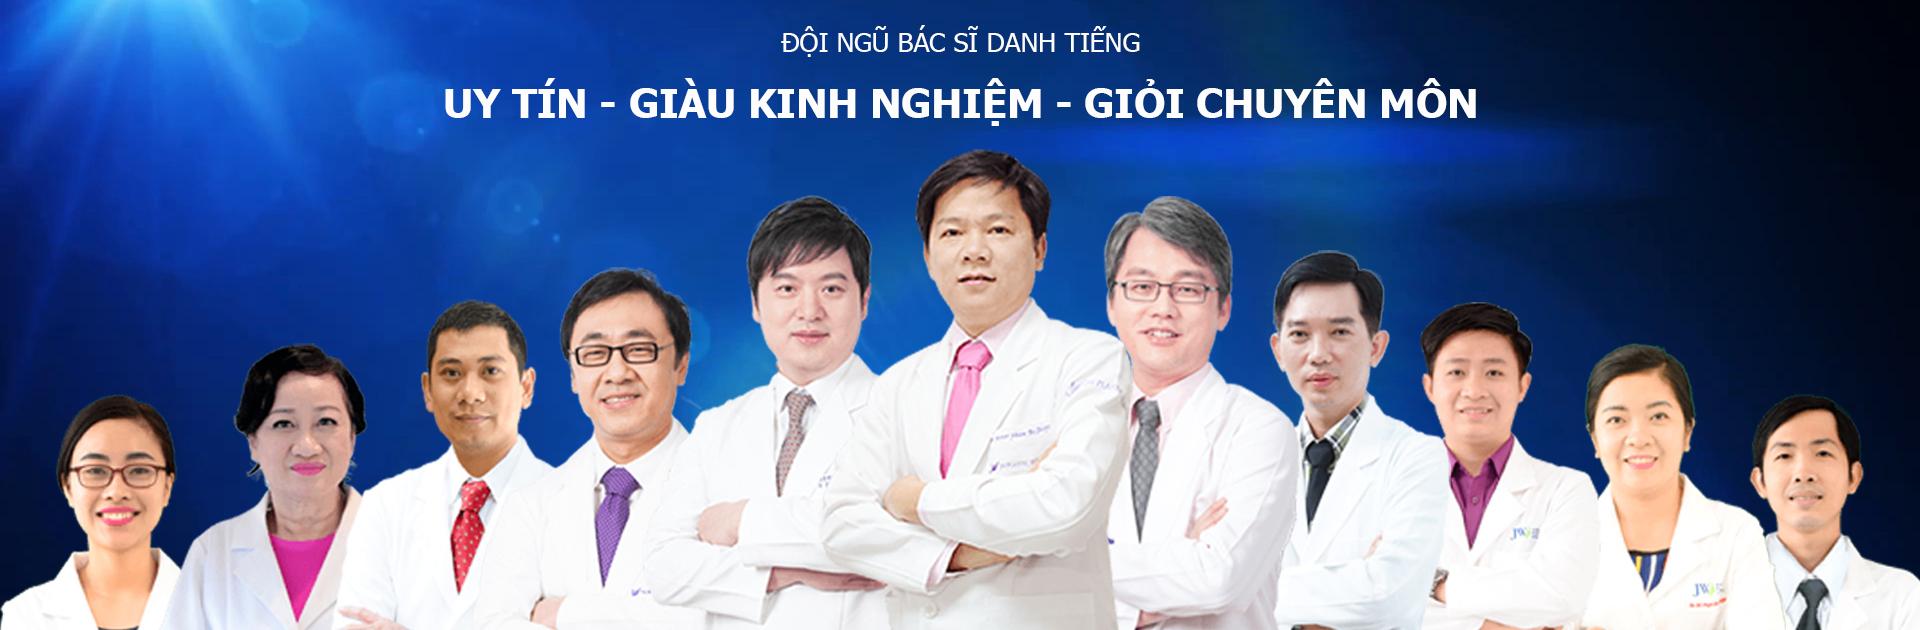 Bác sĩ thẩm mỹ, Bác sĩ thẩm mỹ uy tín, Bác sĩ Nguyễn Phan Tú Dung